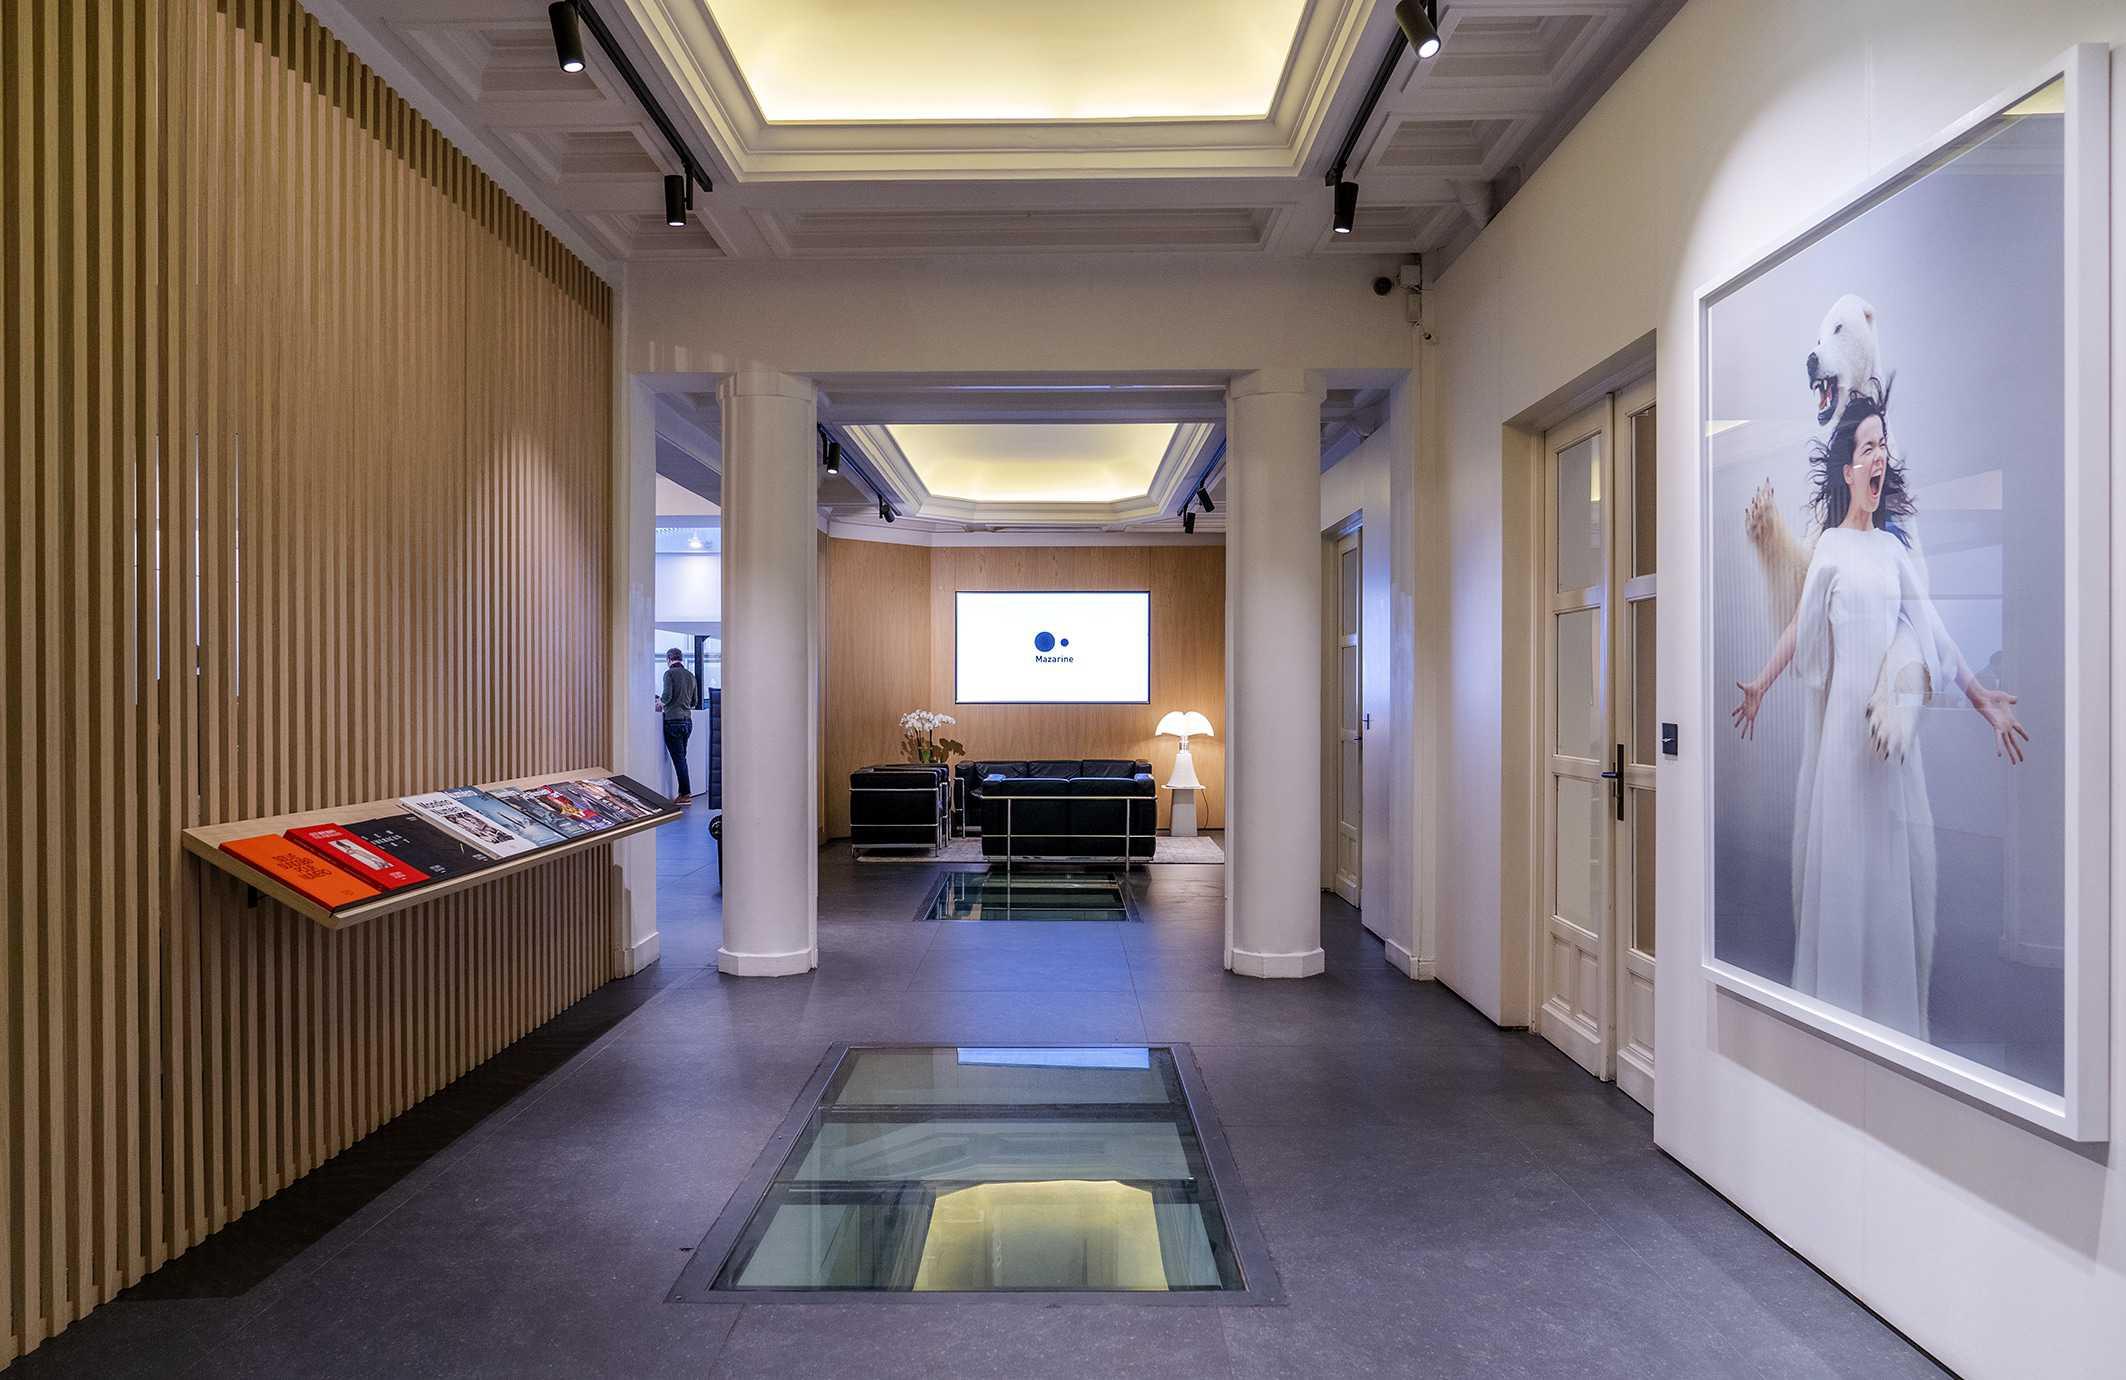 Mazarine et Bob Desk - solution GMAO pour vos bureaux, hall d'entrée